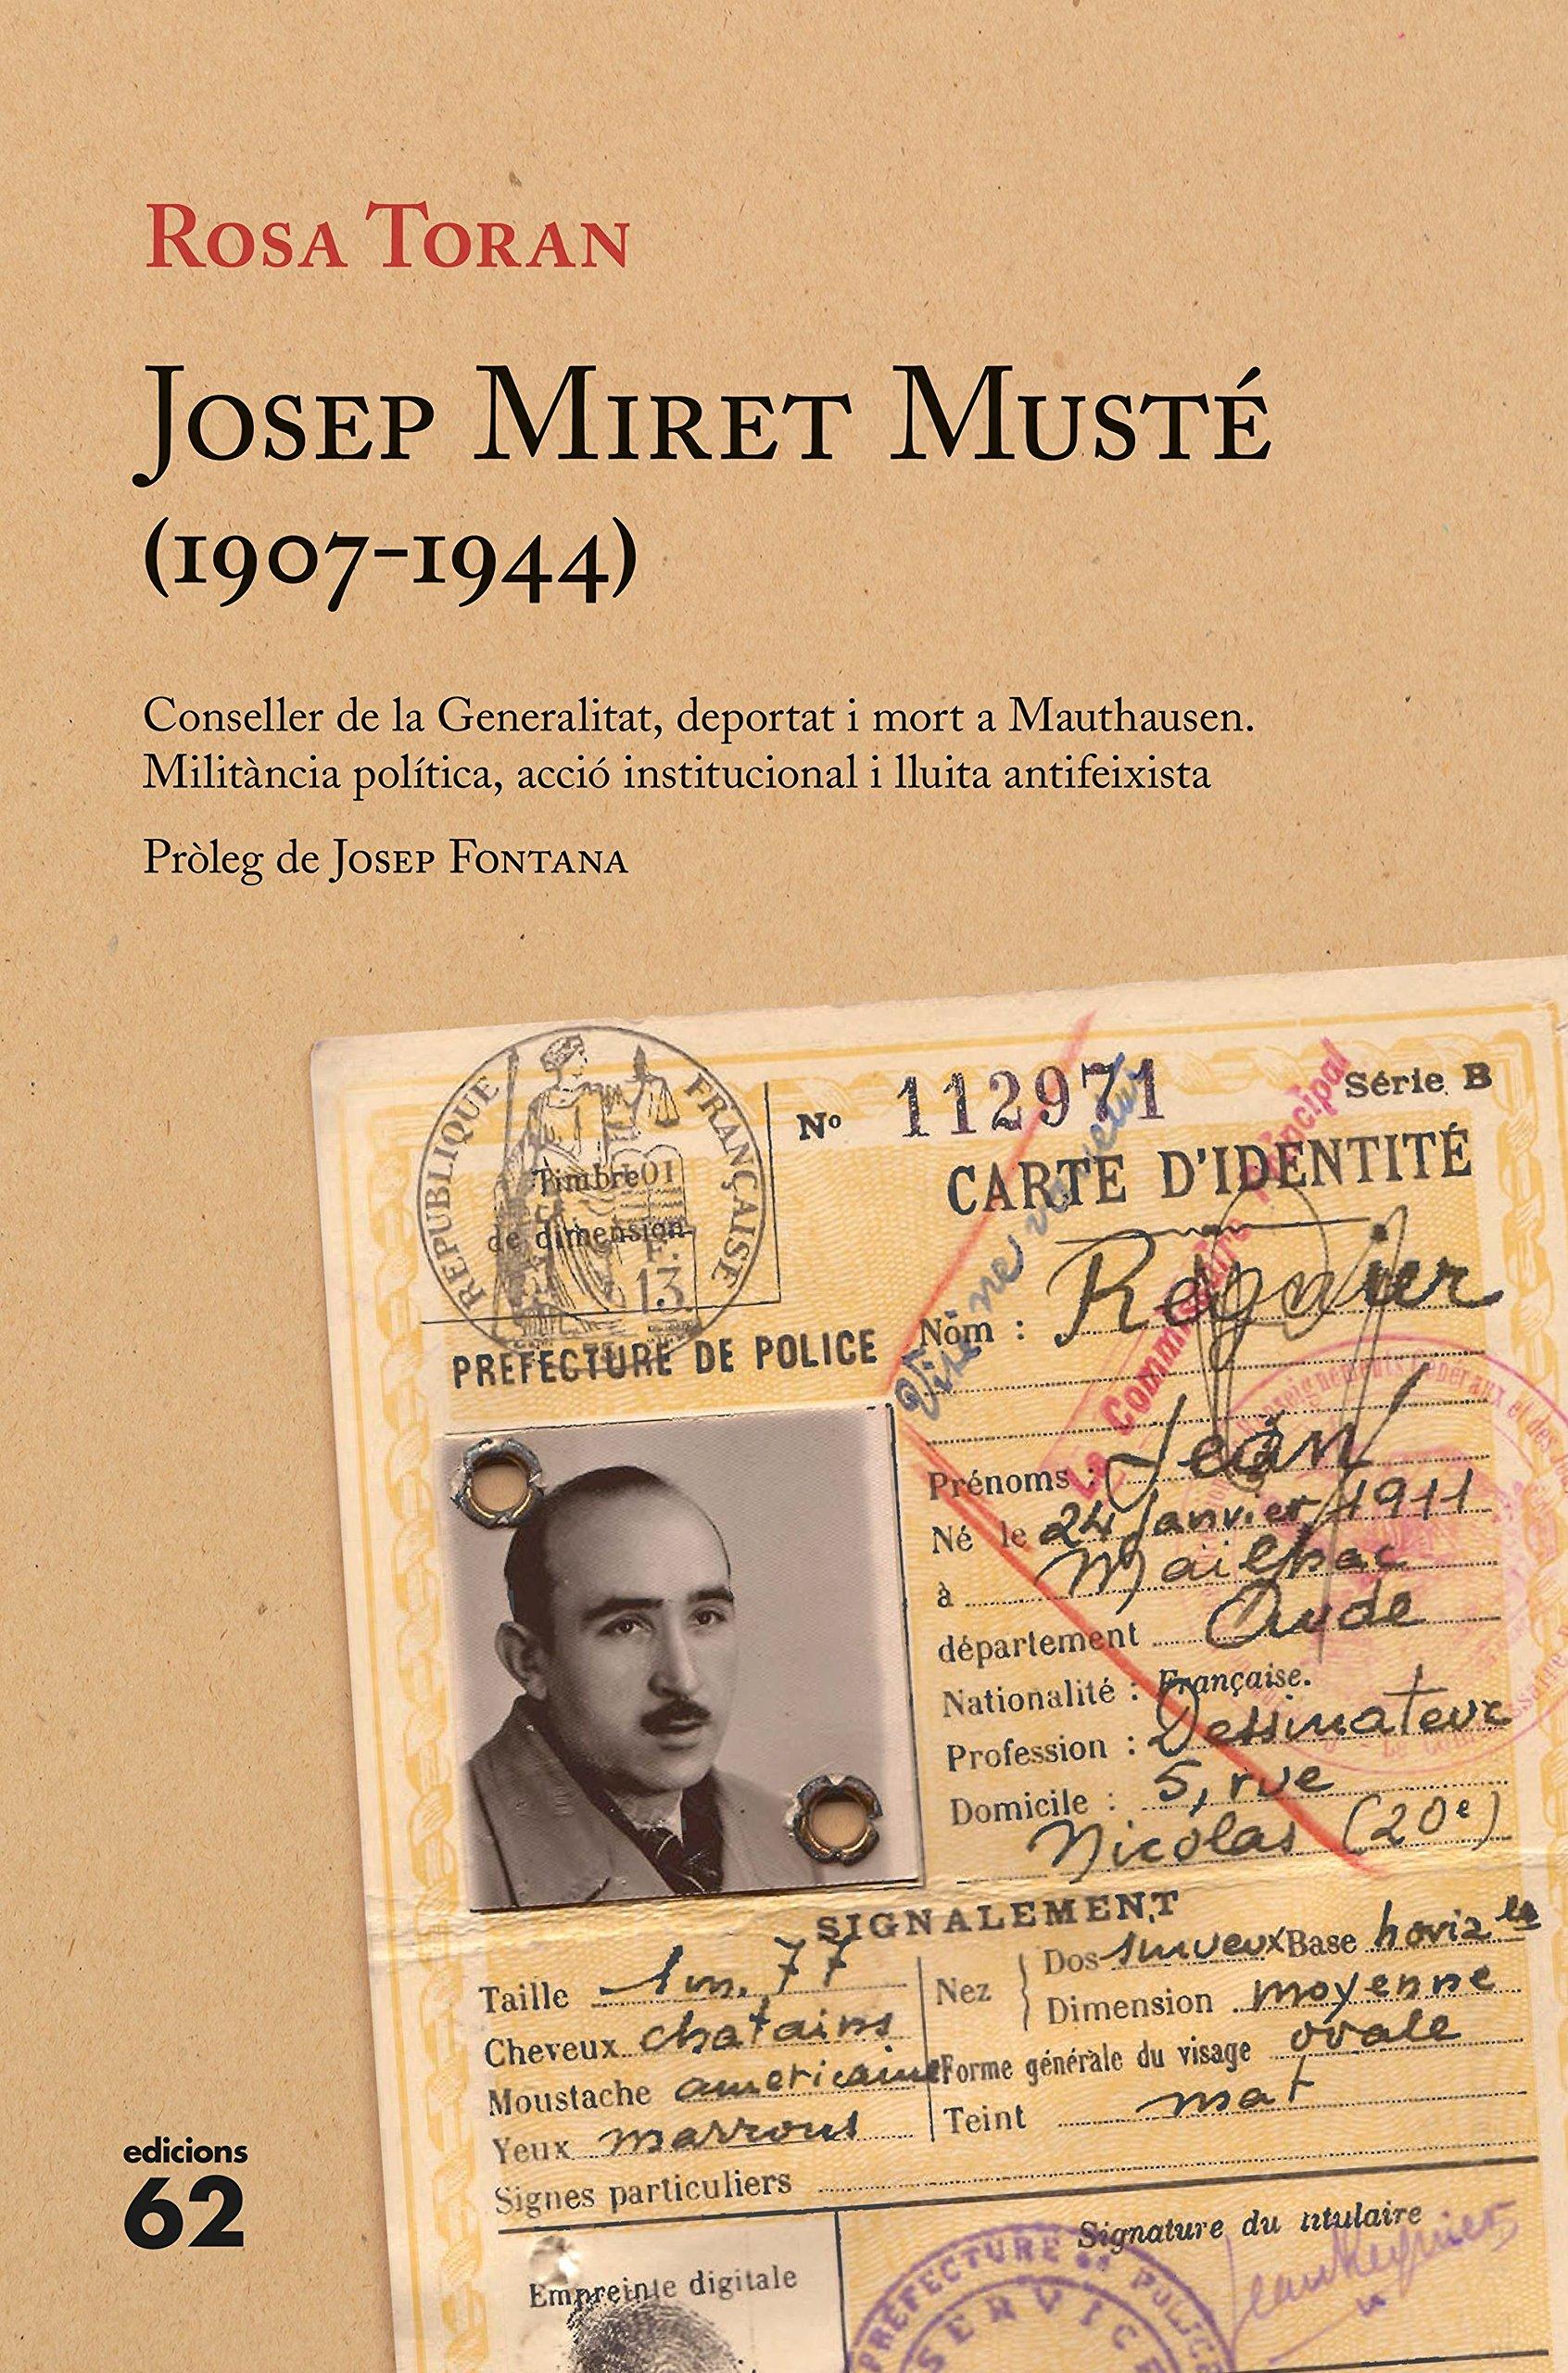 josep-miret-muste-1907-1944-rosa-toran-edicions-62